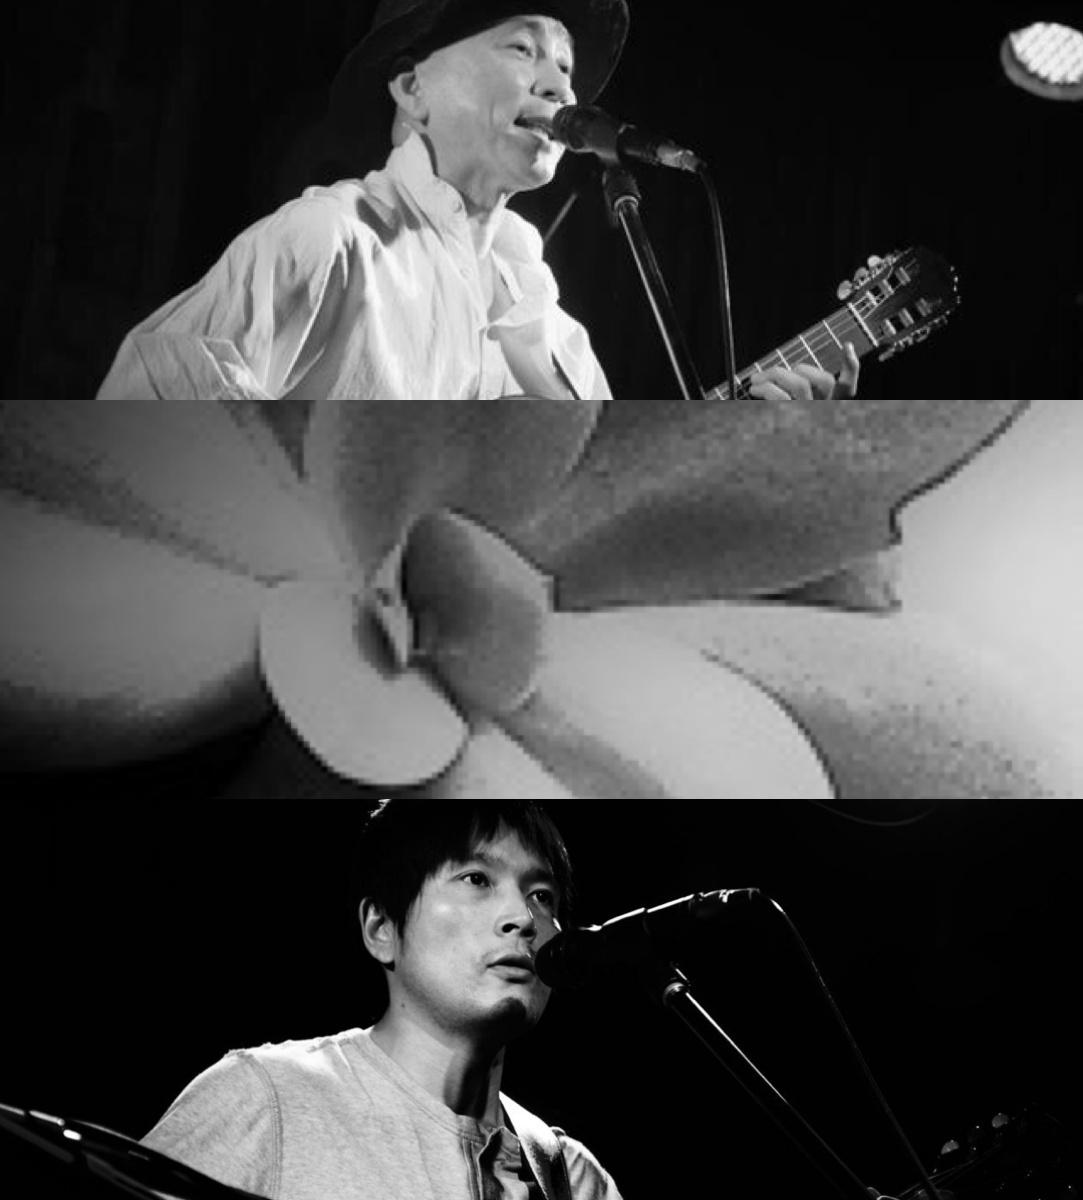 [無観客配信]『旋律はいつもココロをはだかにする』出演:ヤマモトマサヤwithクラッシー / もりの音楽の屋根裏部屋 / 早川理史